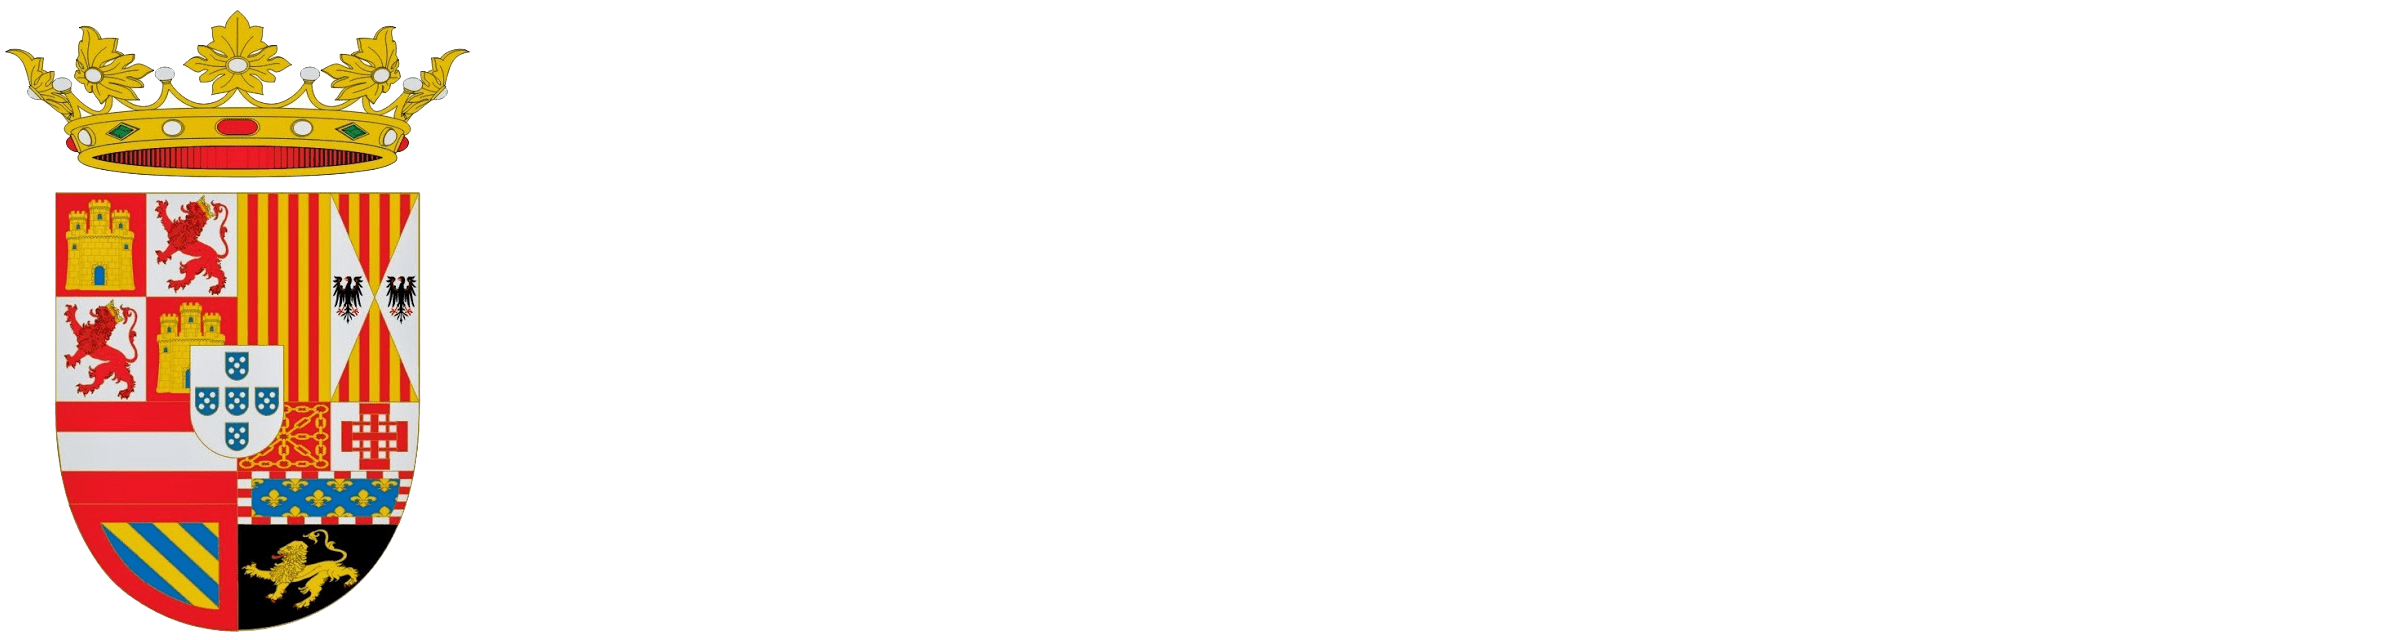 Logo AytoAbanilla blanco